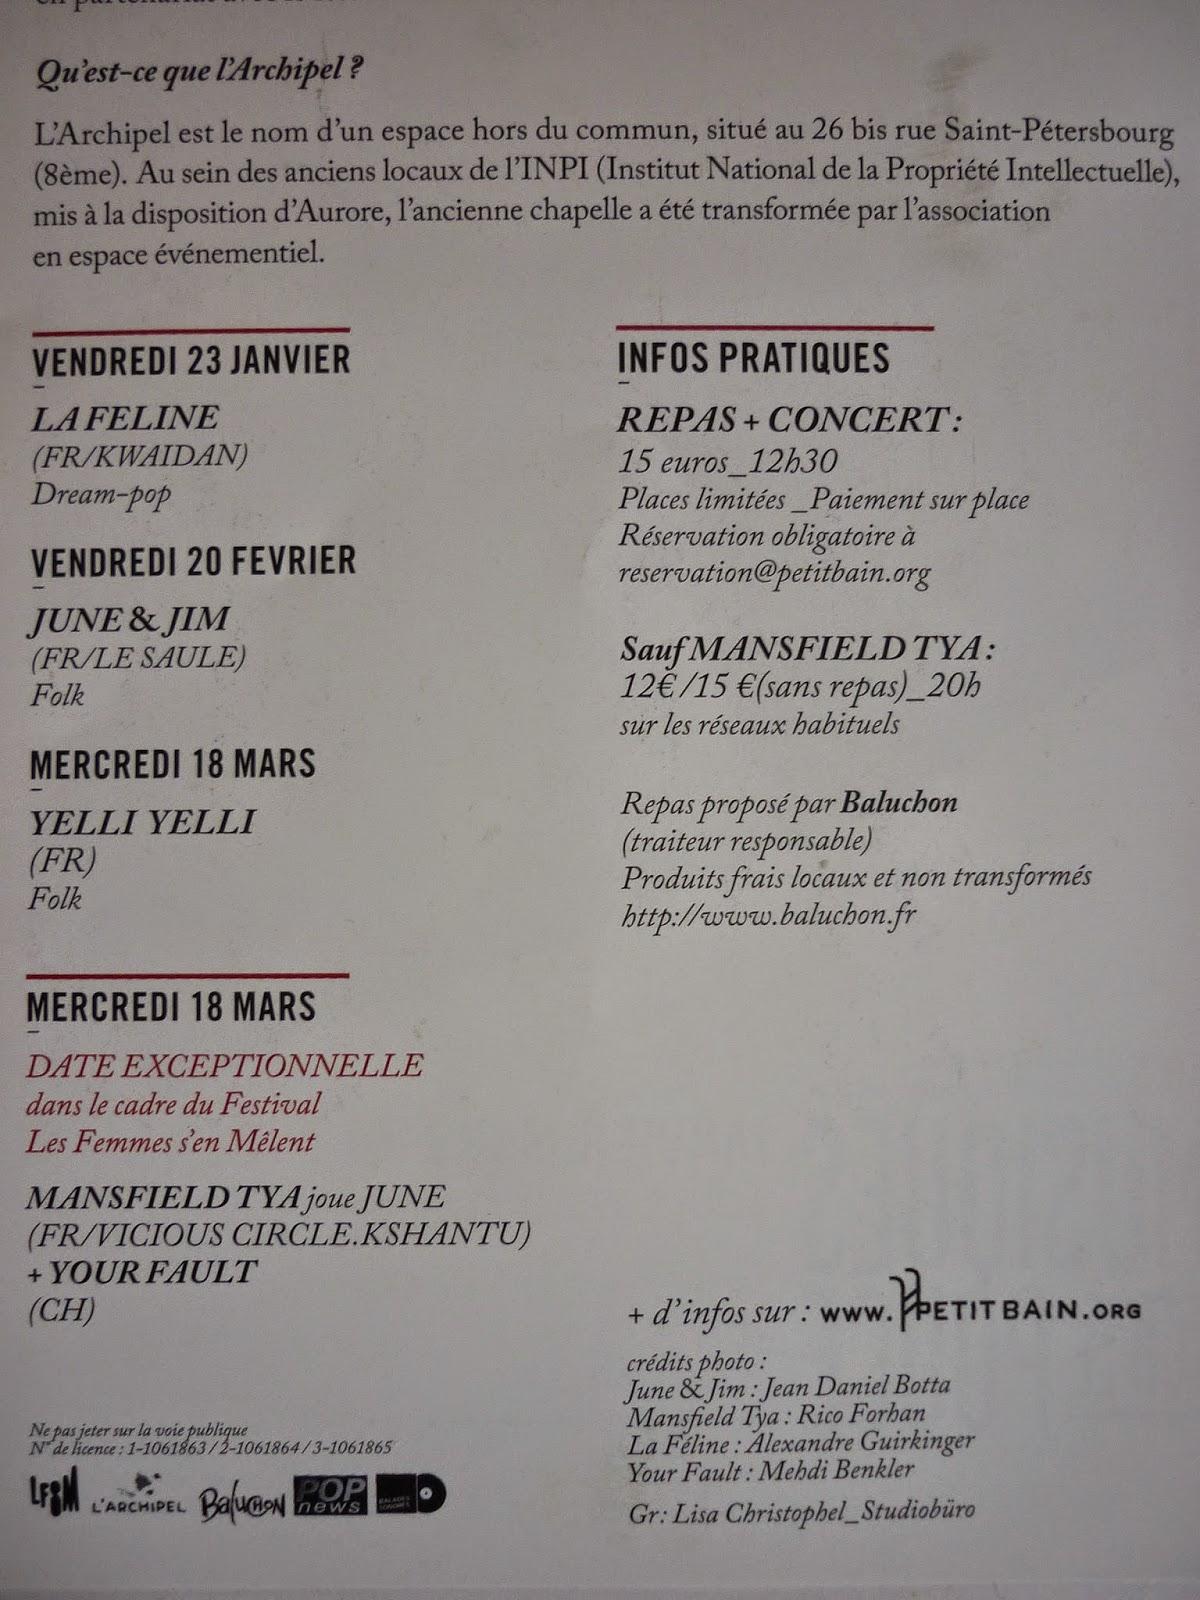 L'Archipel à Paris - déjeuner concert petit bain